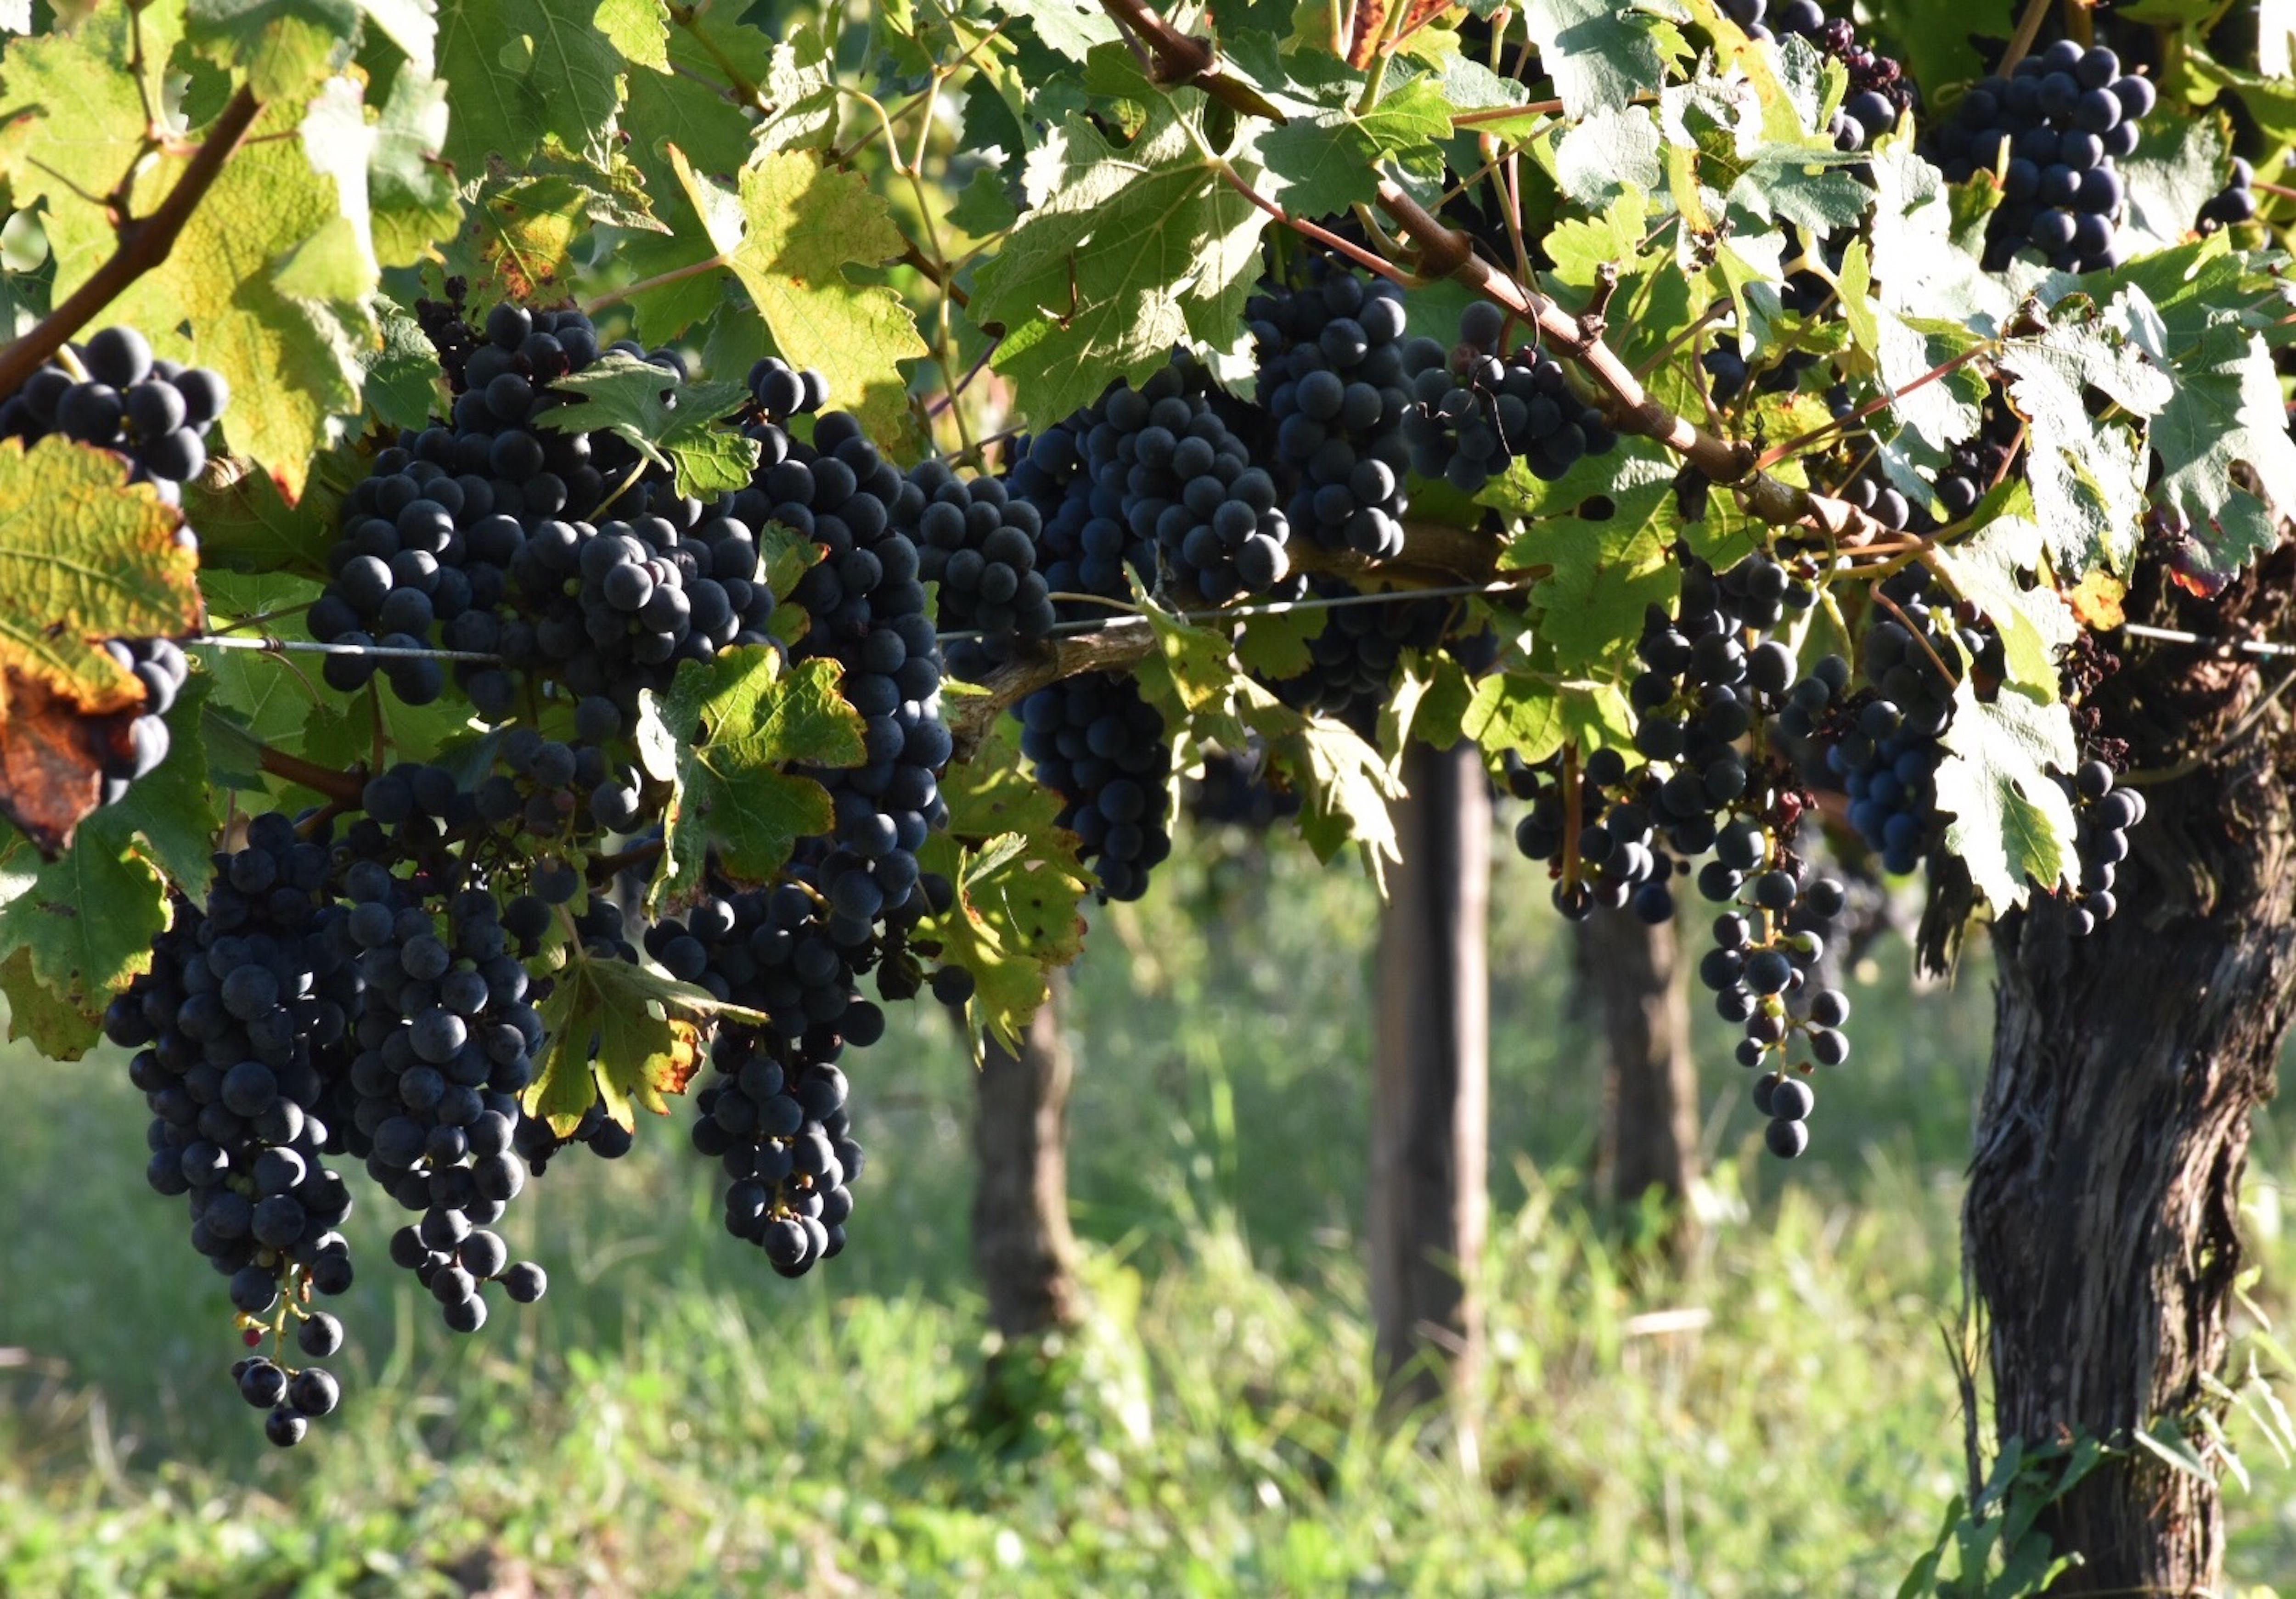 Pieds de vignes en bio. Photo©Audrey Gleonec